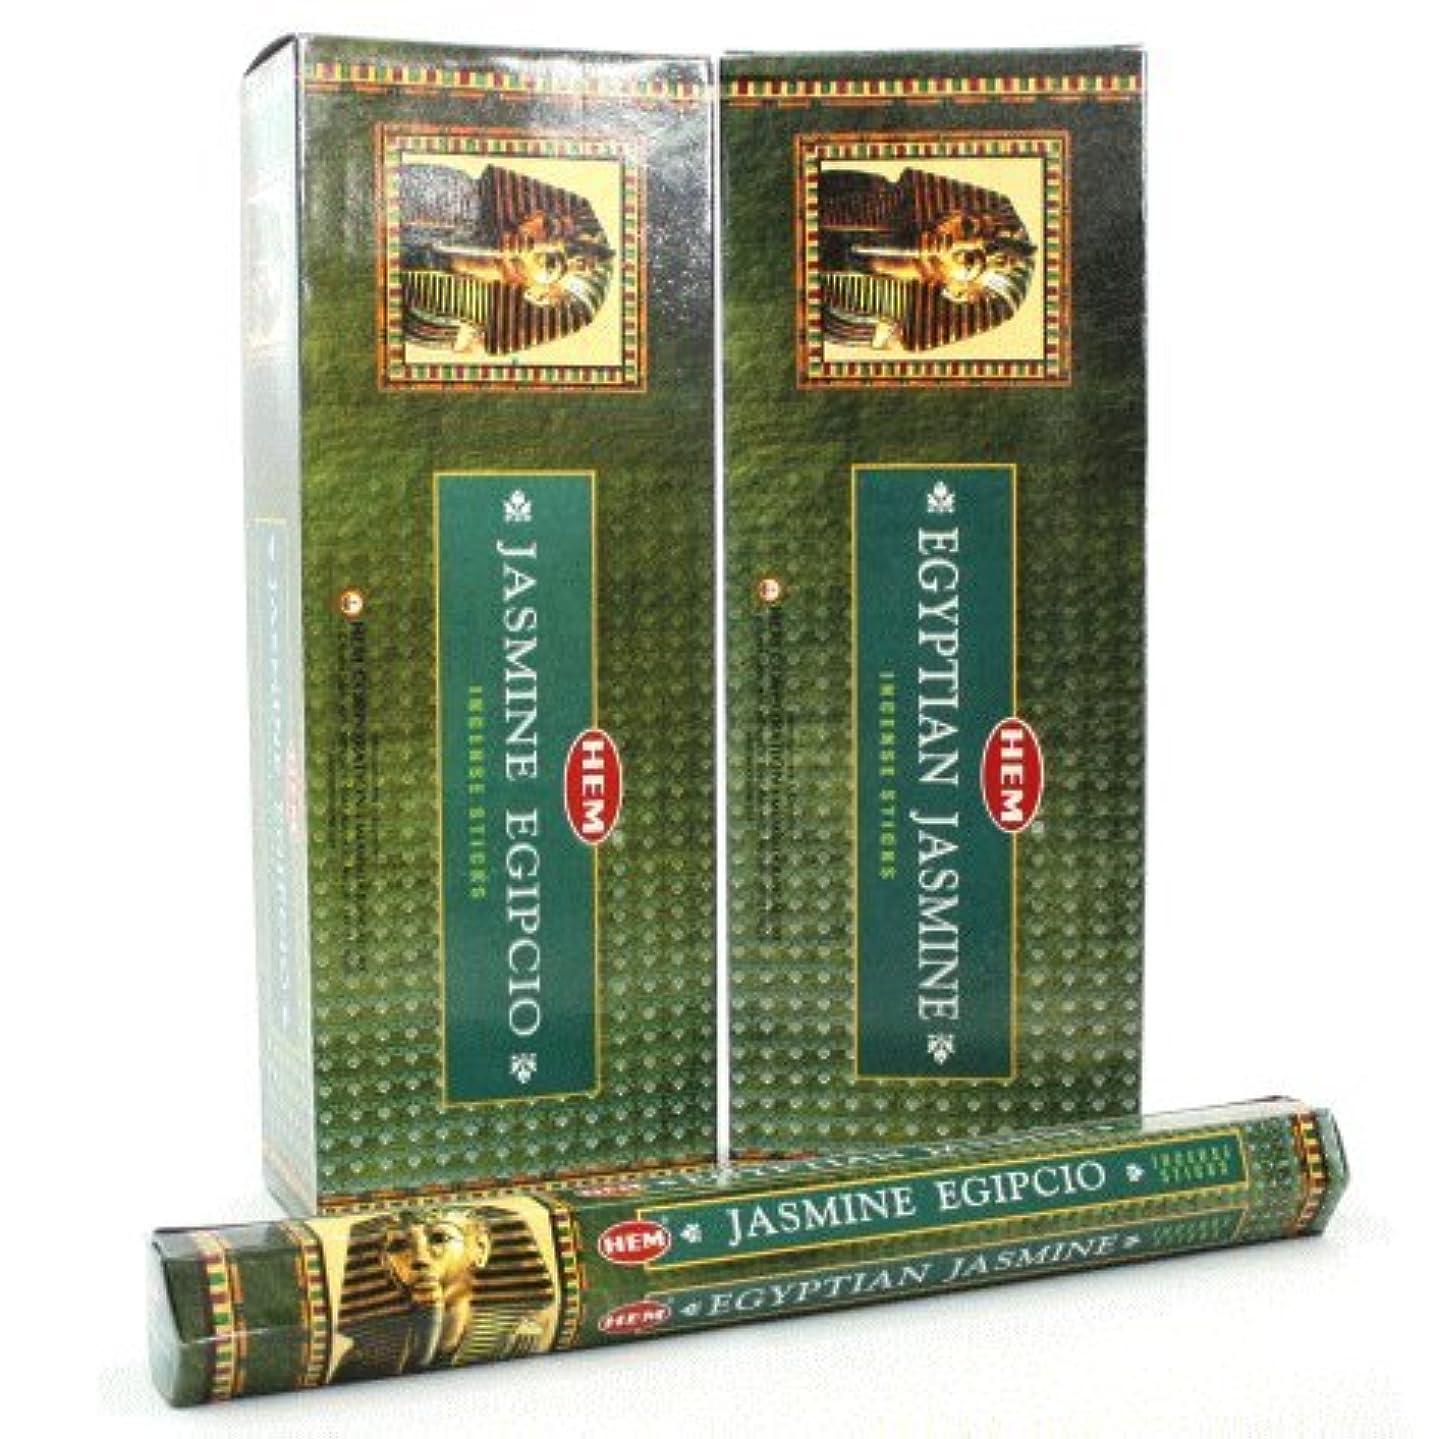 戸棚罪コンテストHEM エジプシャン ジャスミン香 スティック ヘキサパック(六角) 12箱セット HEM EGYPTIAN JASMINE